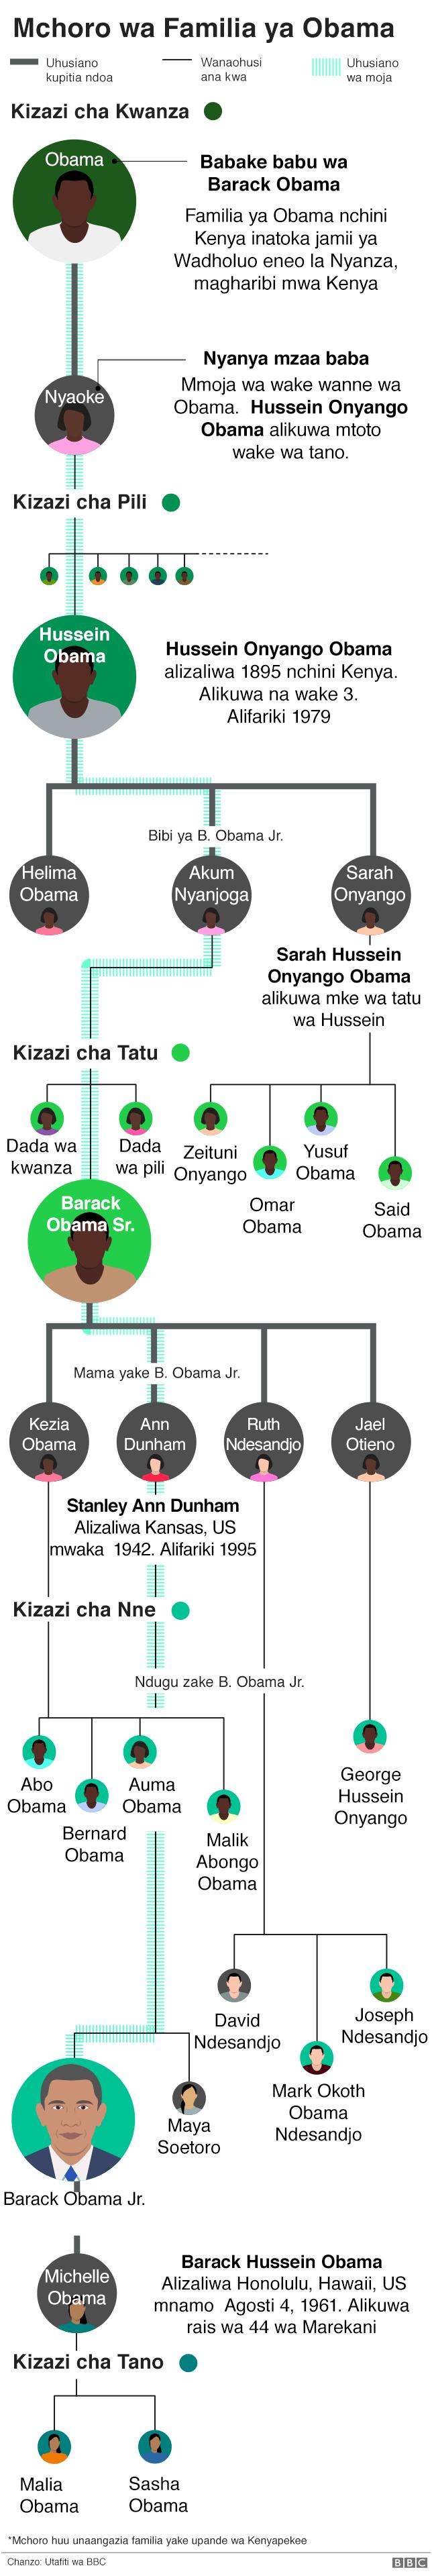 Mchoro wa familia ya Obama